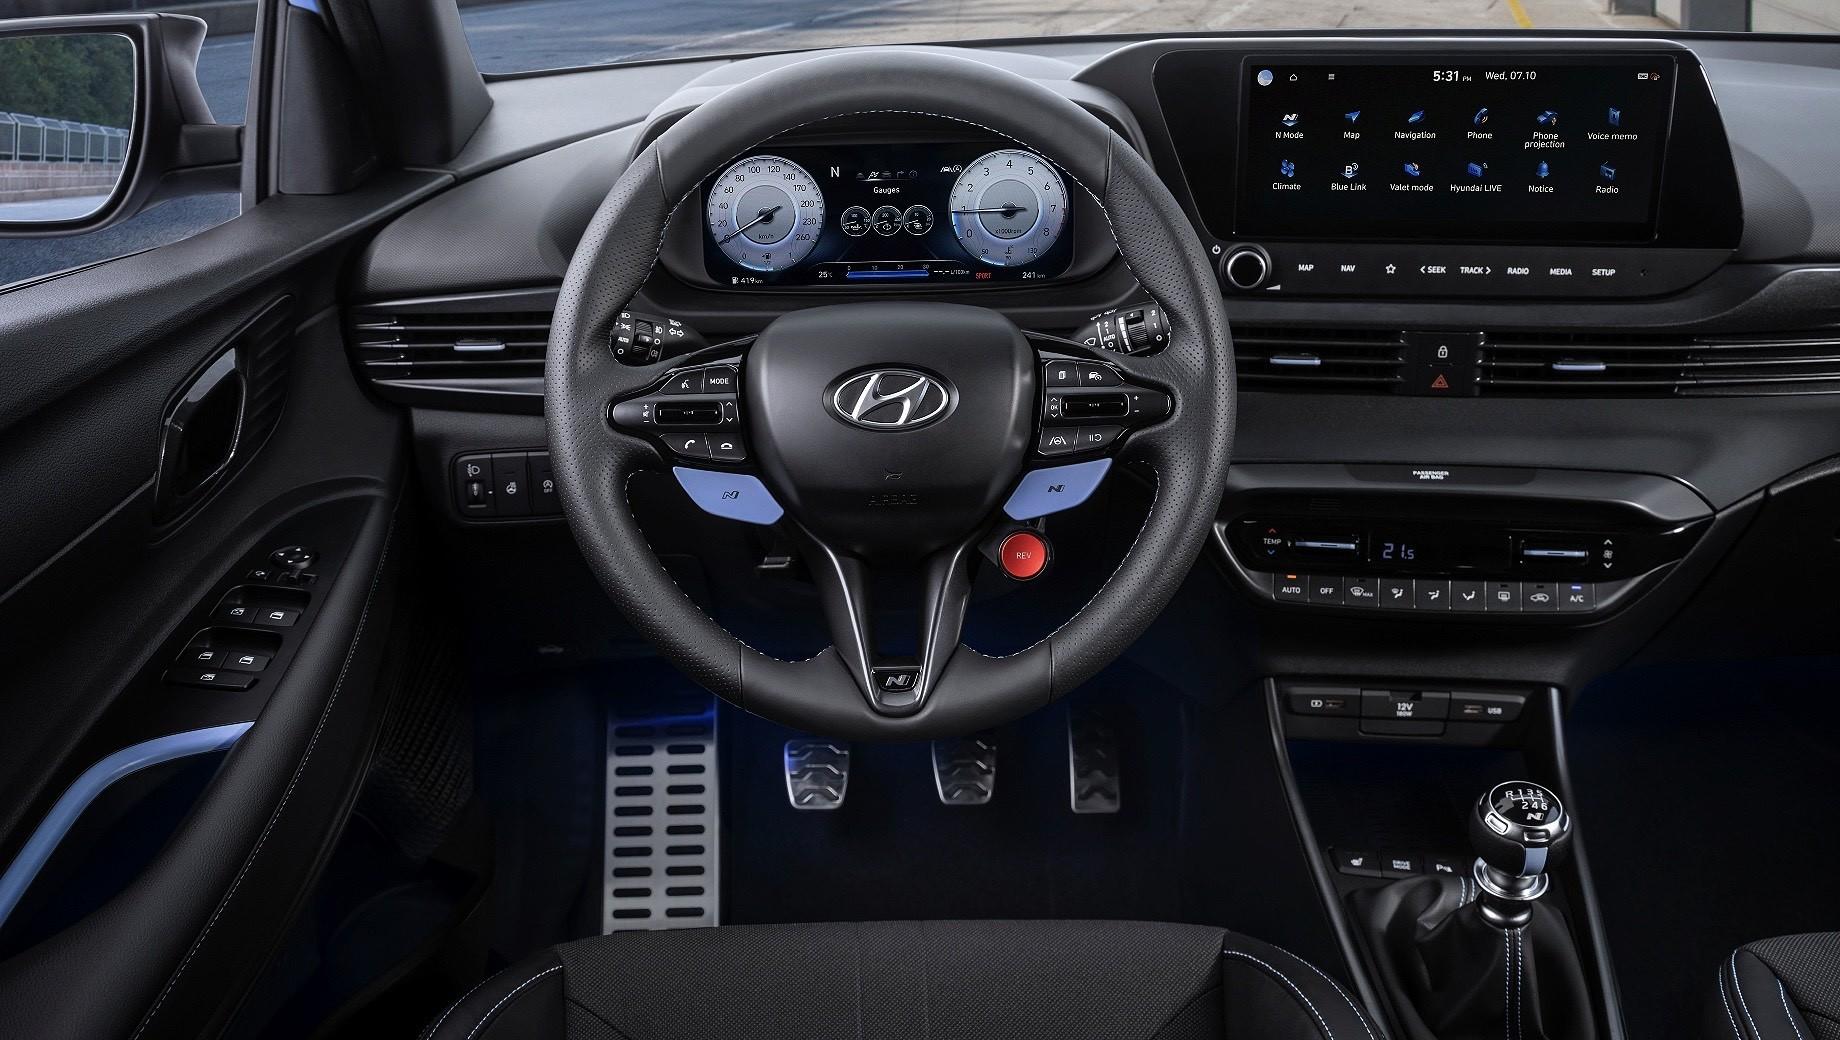 Hyundai i20 N порадует фанатов скорости основательностью